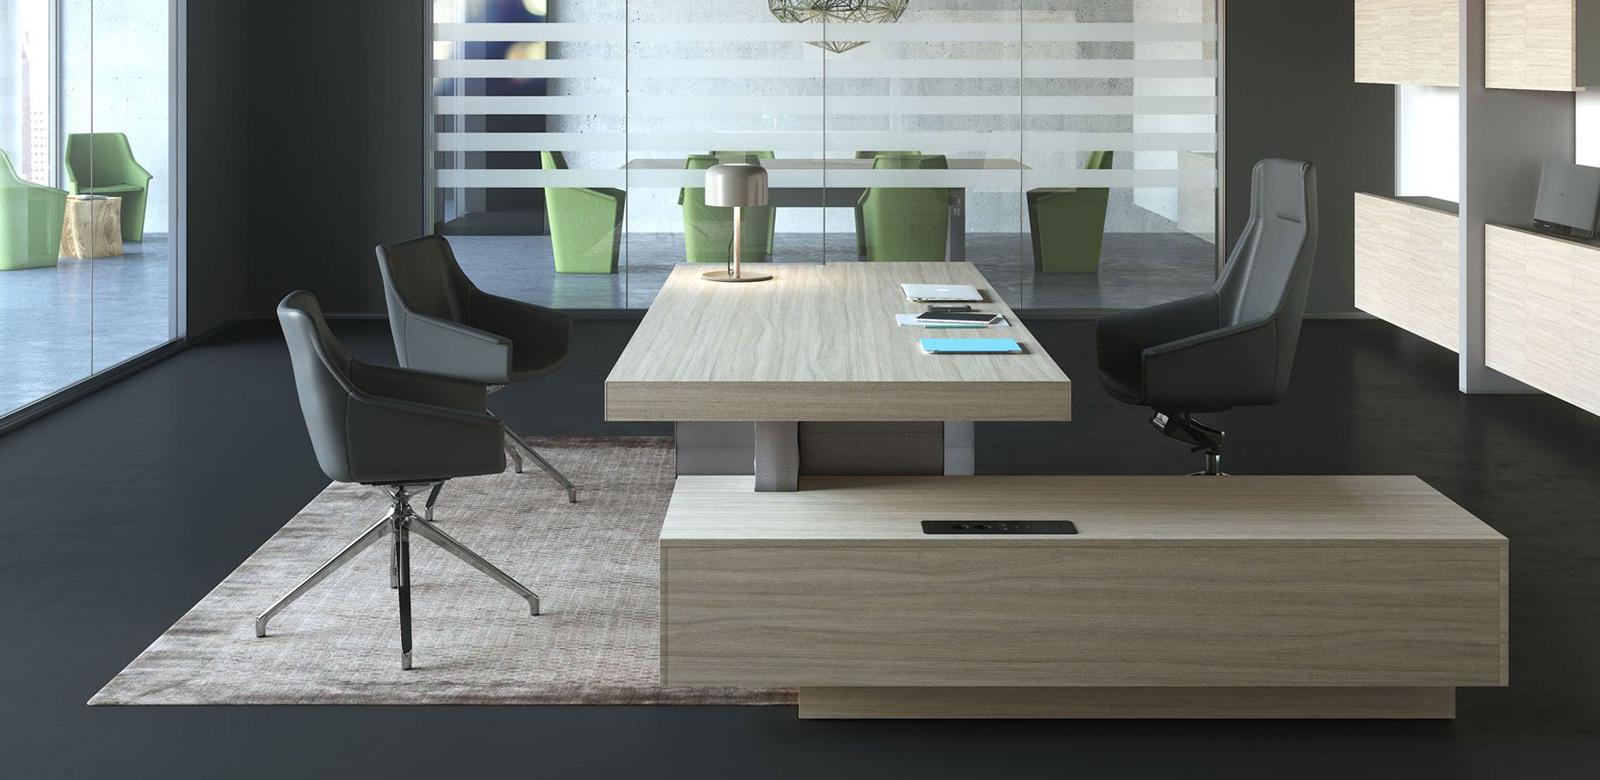 Arredo ufficio arredamento e mobili per ufficio su misura for Arredamento ufficio economico